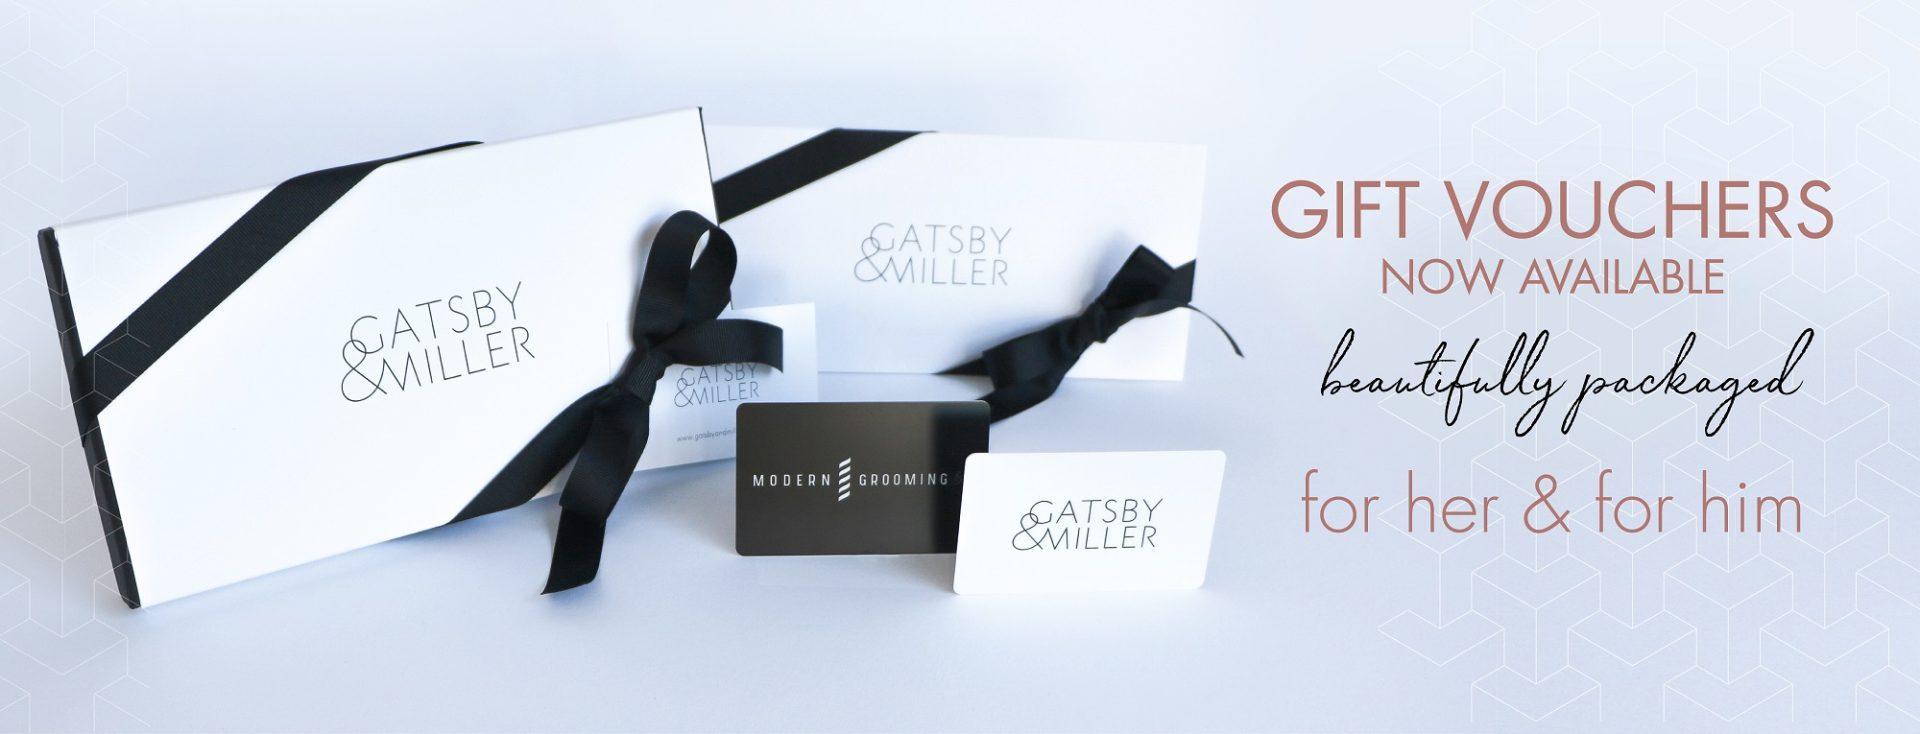 gift vouchers gatsby miller hair beauty salon amersham